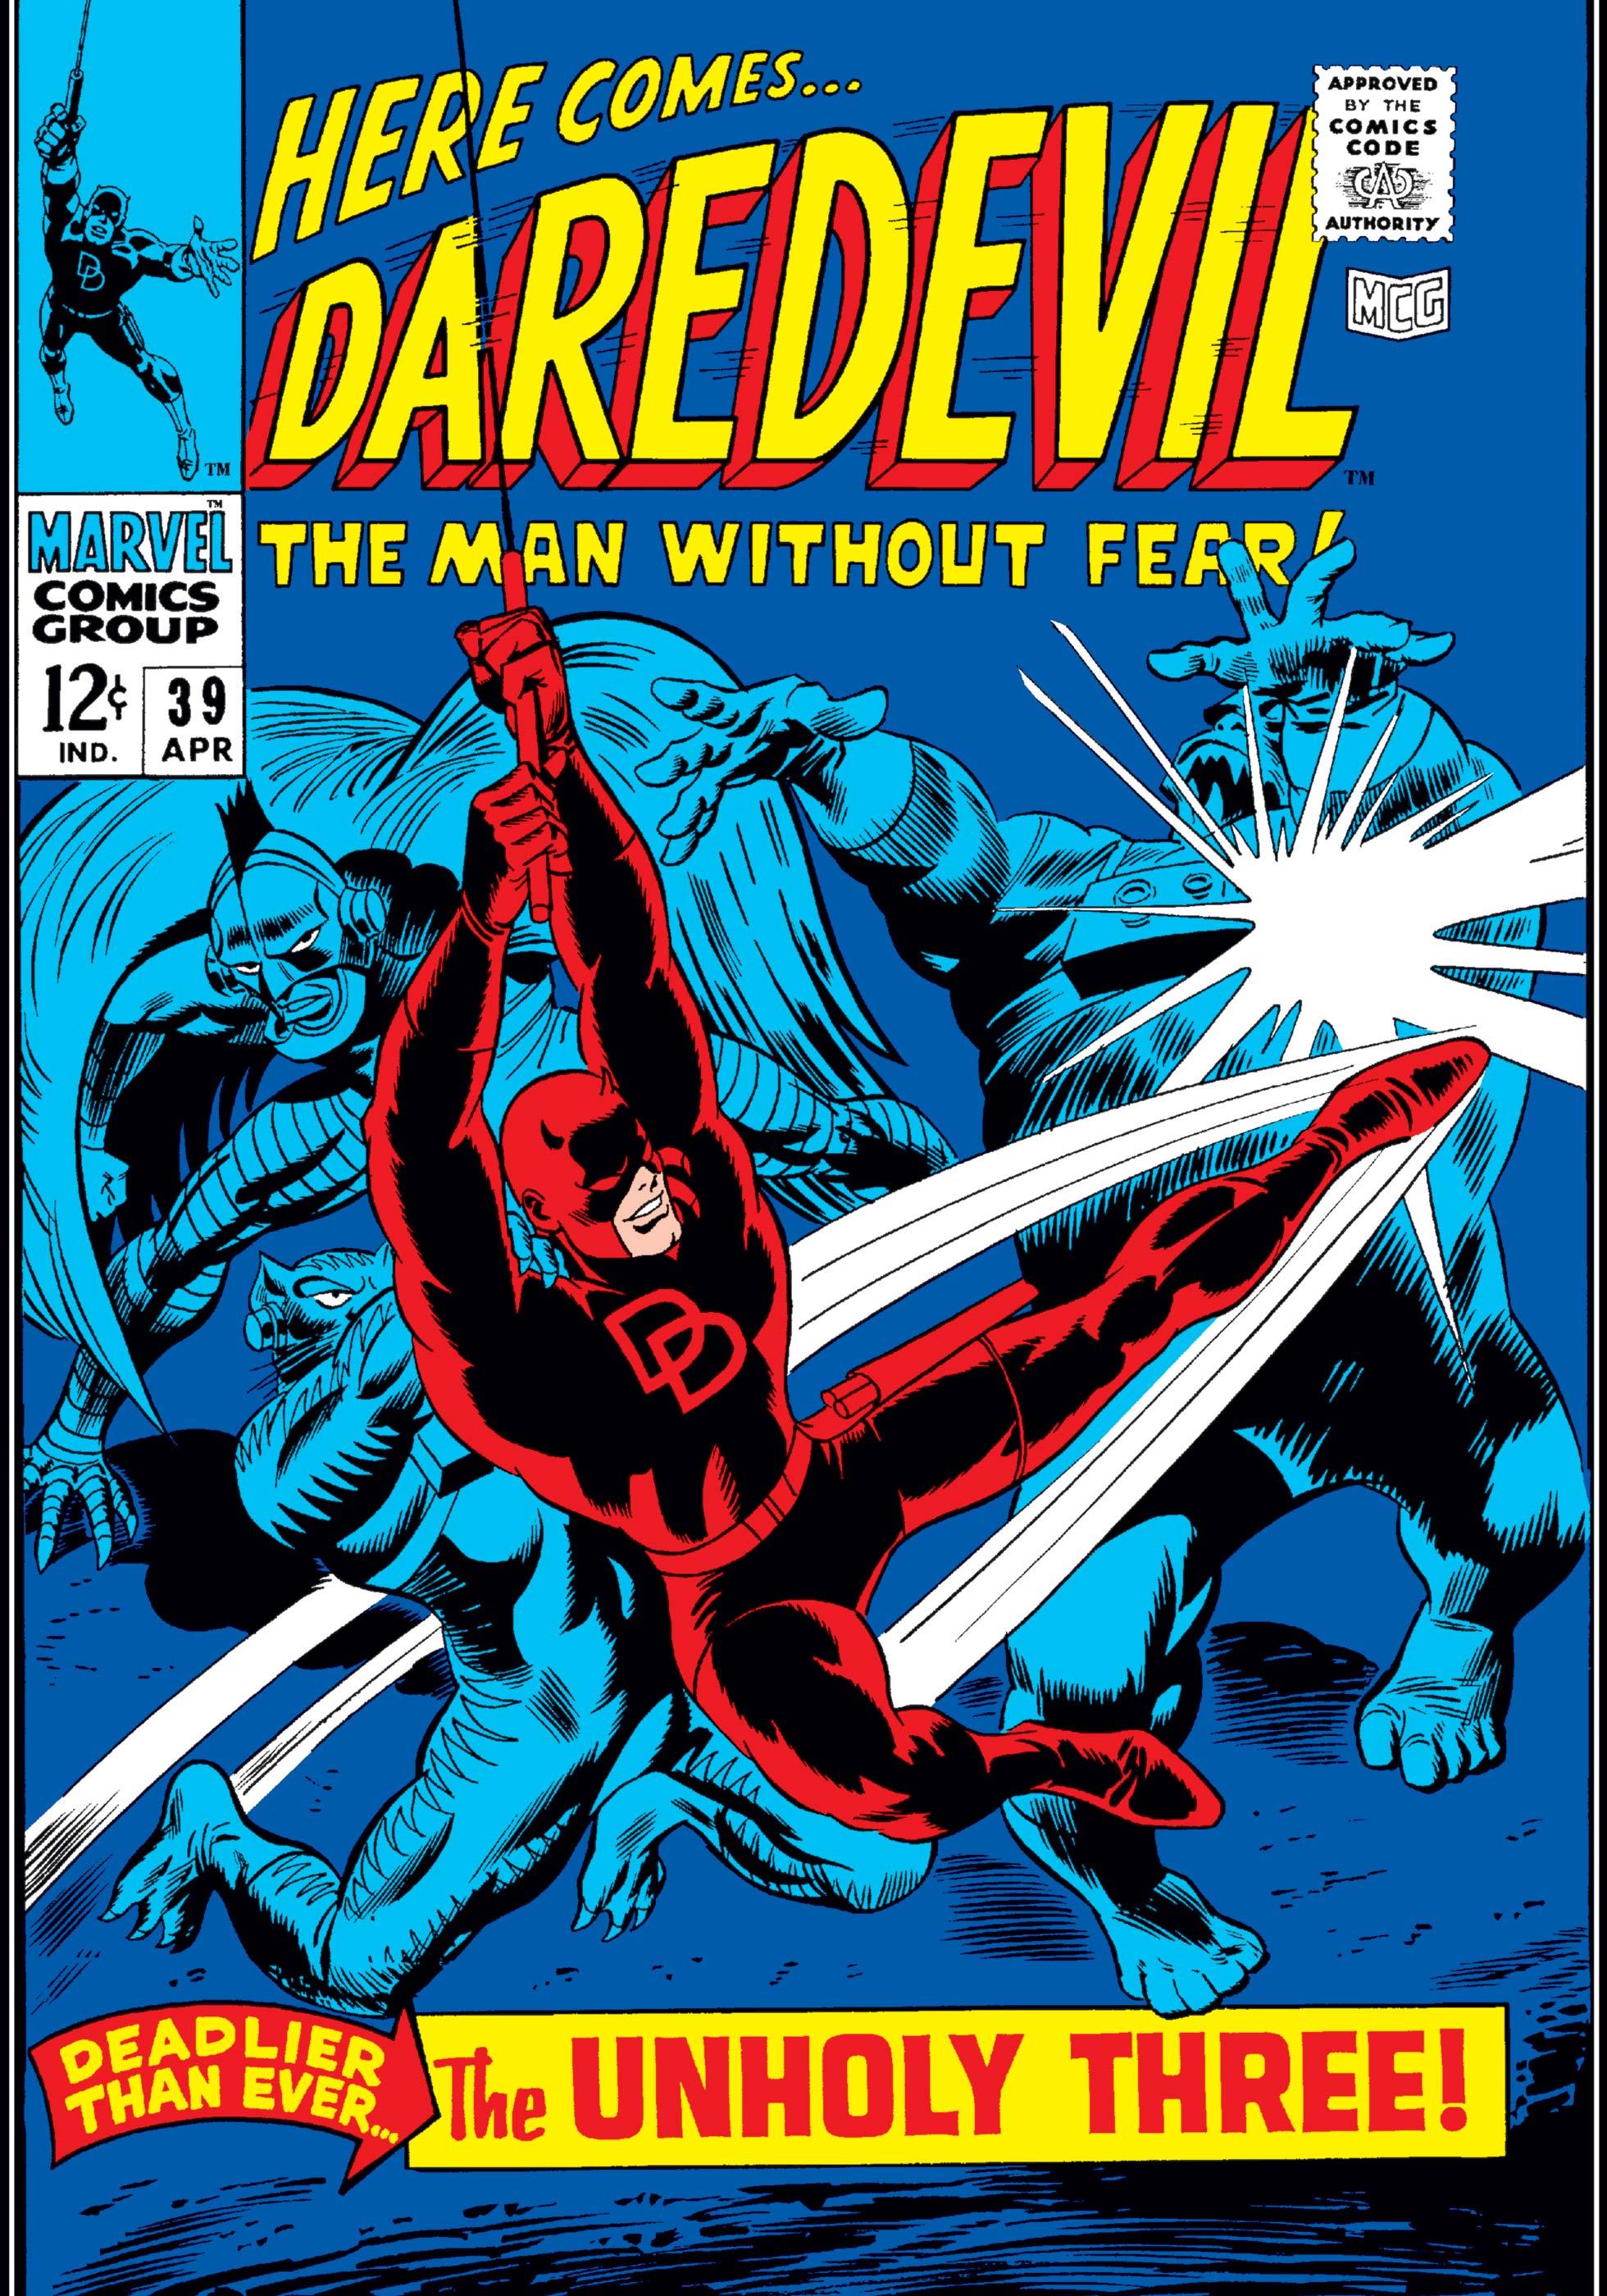 Daredevil (1964) #39